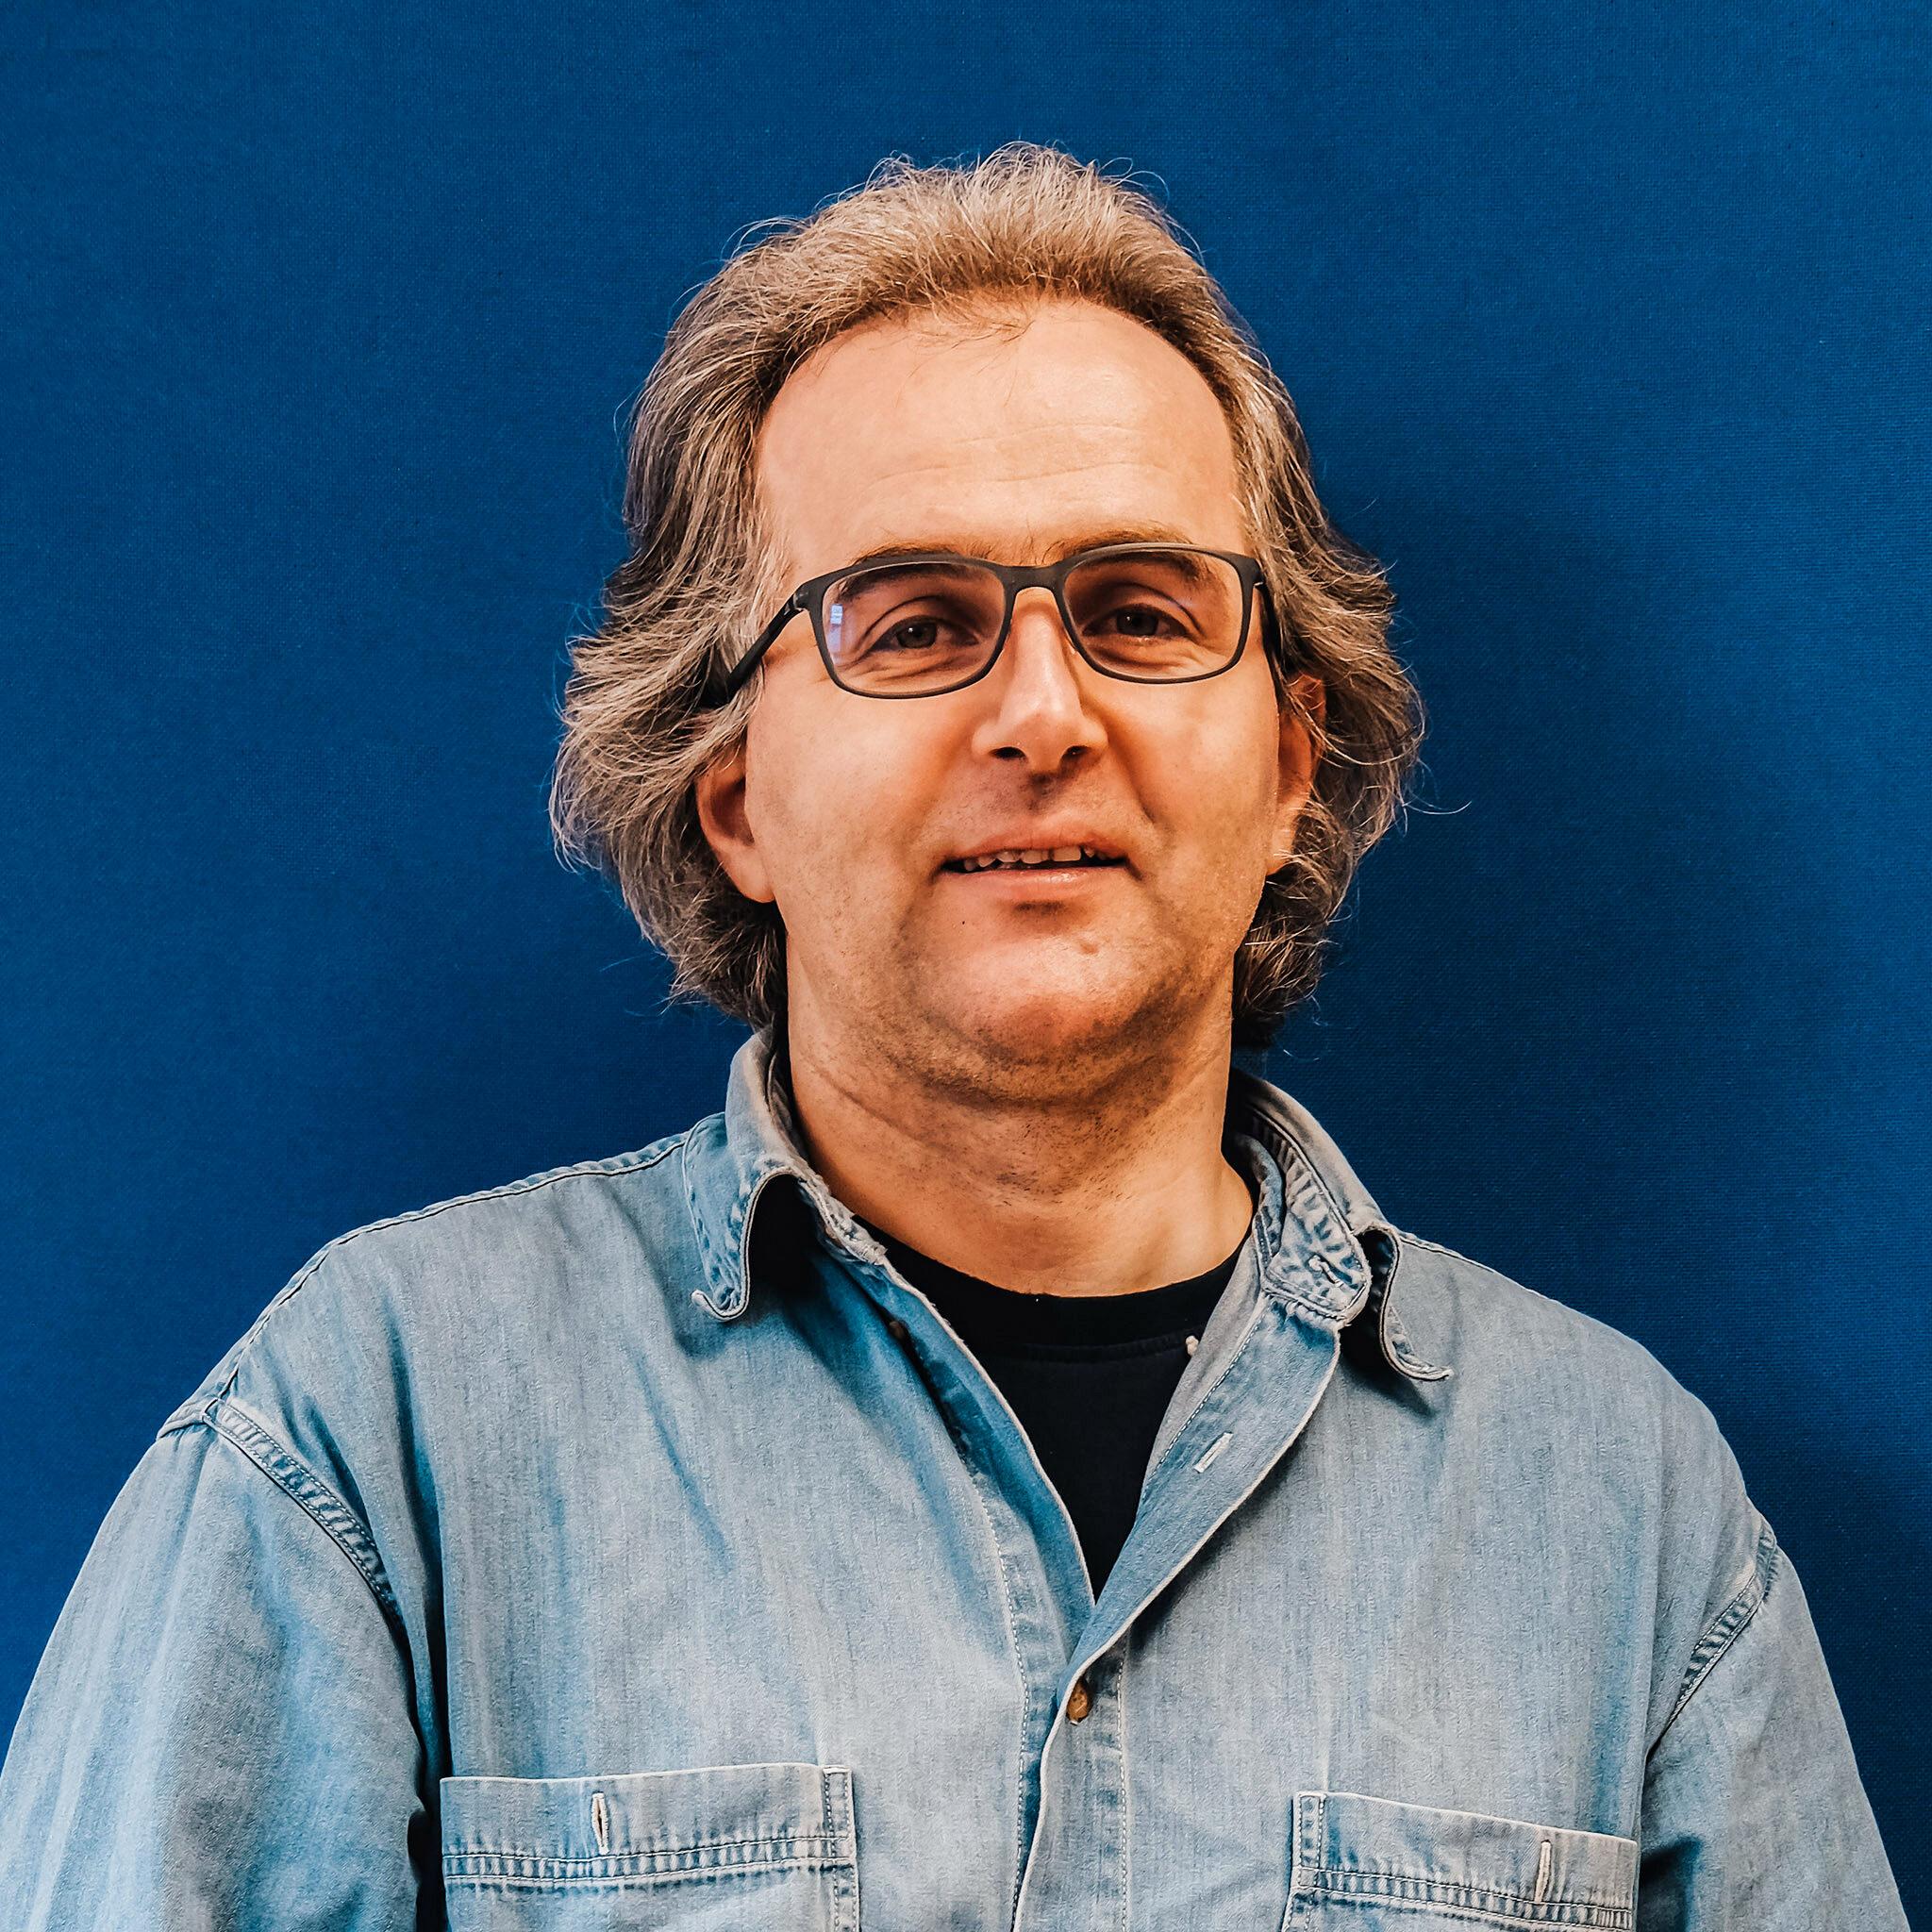 Helmut Sigle